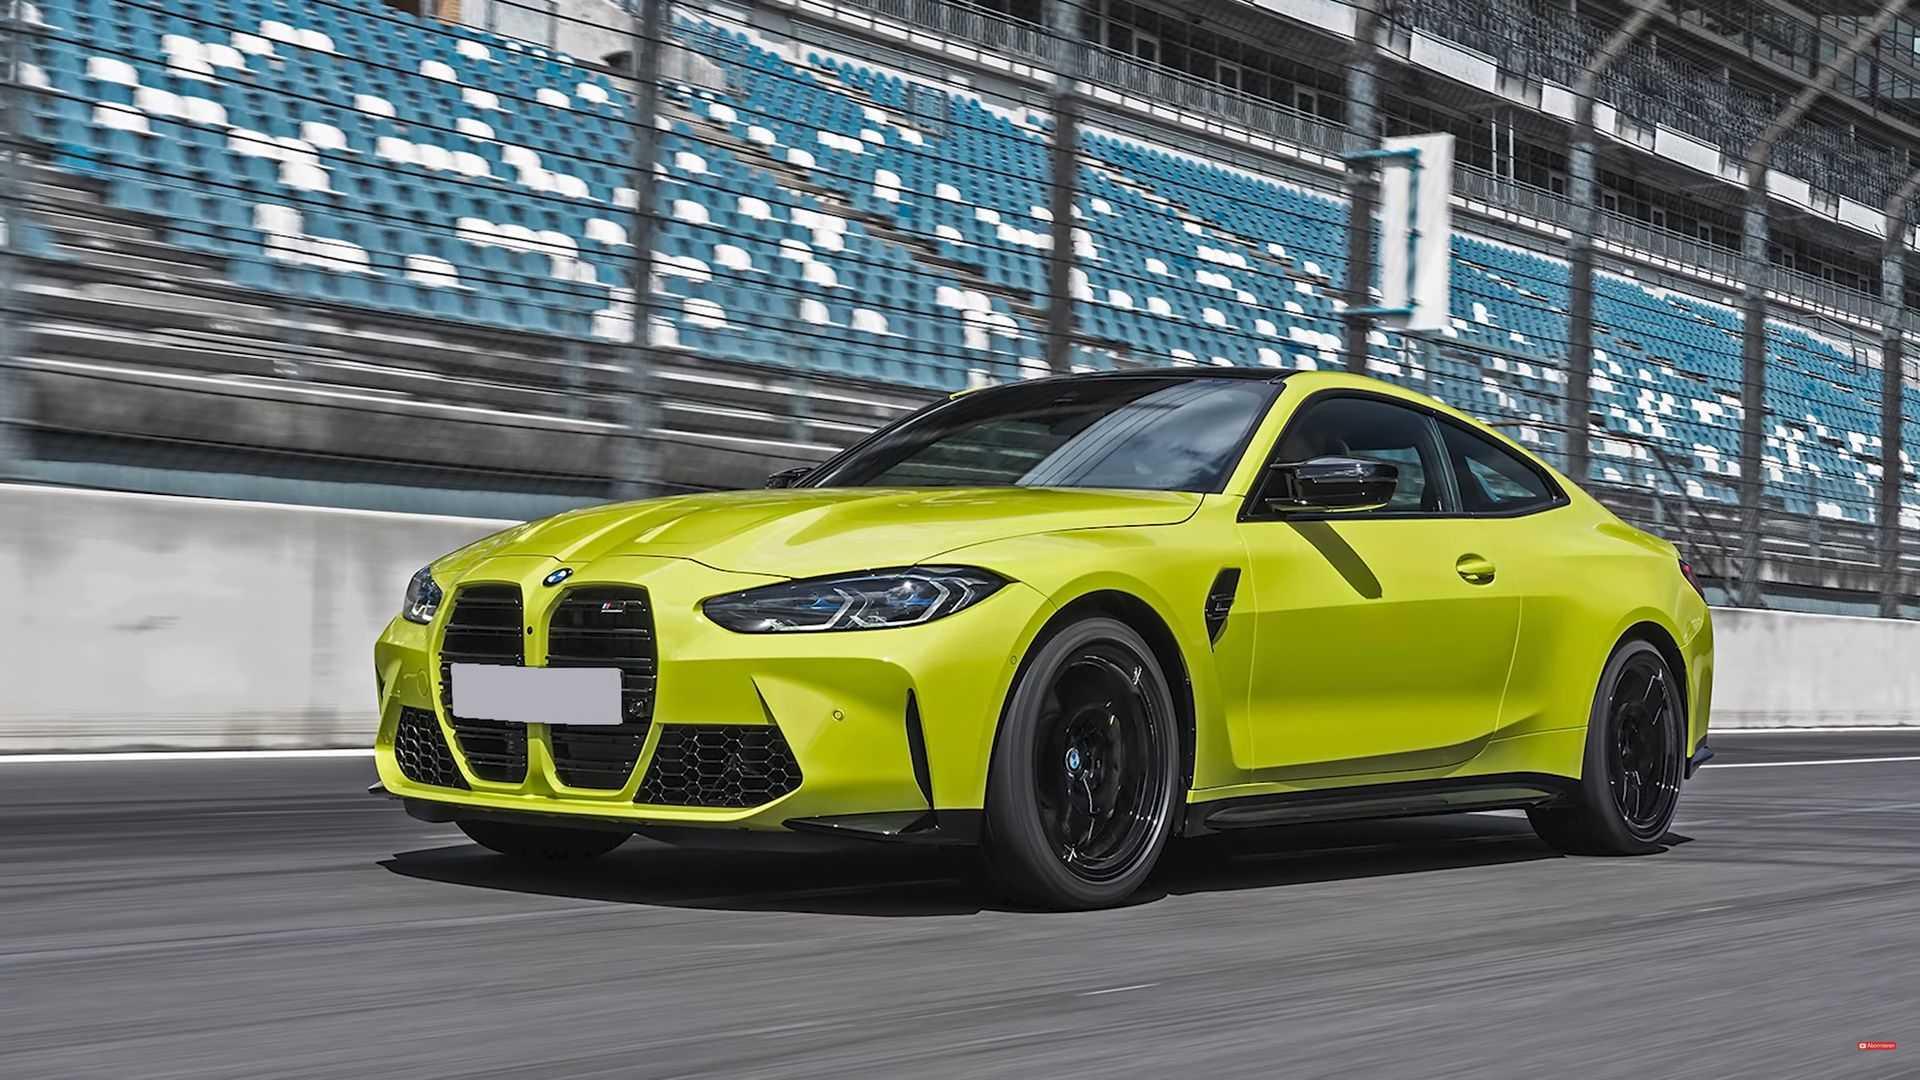 BMW-M4-Aftermarket-Redesign-3